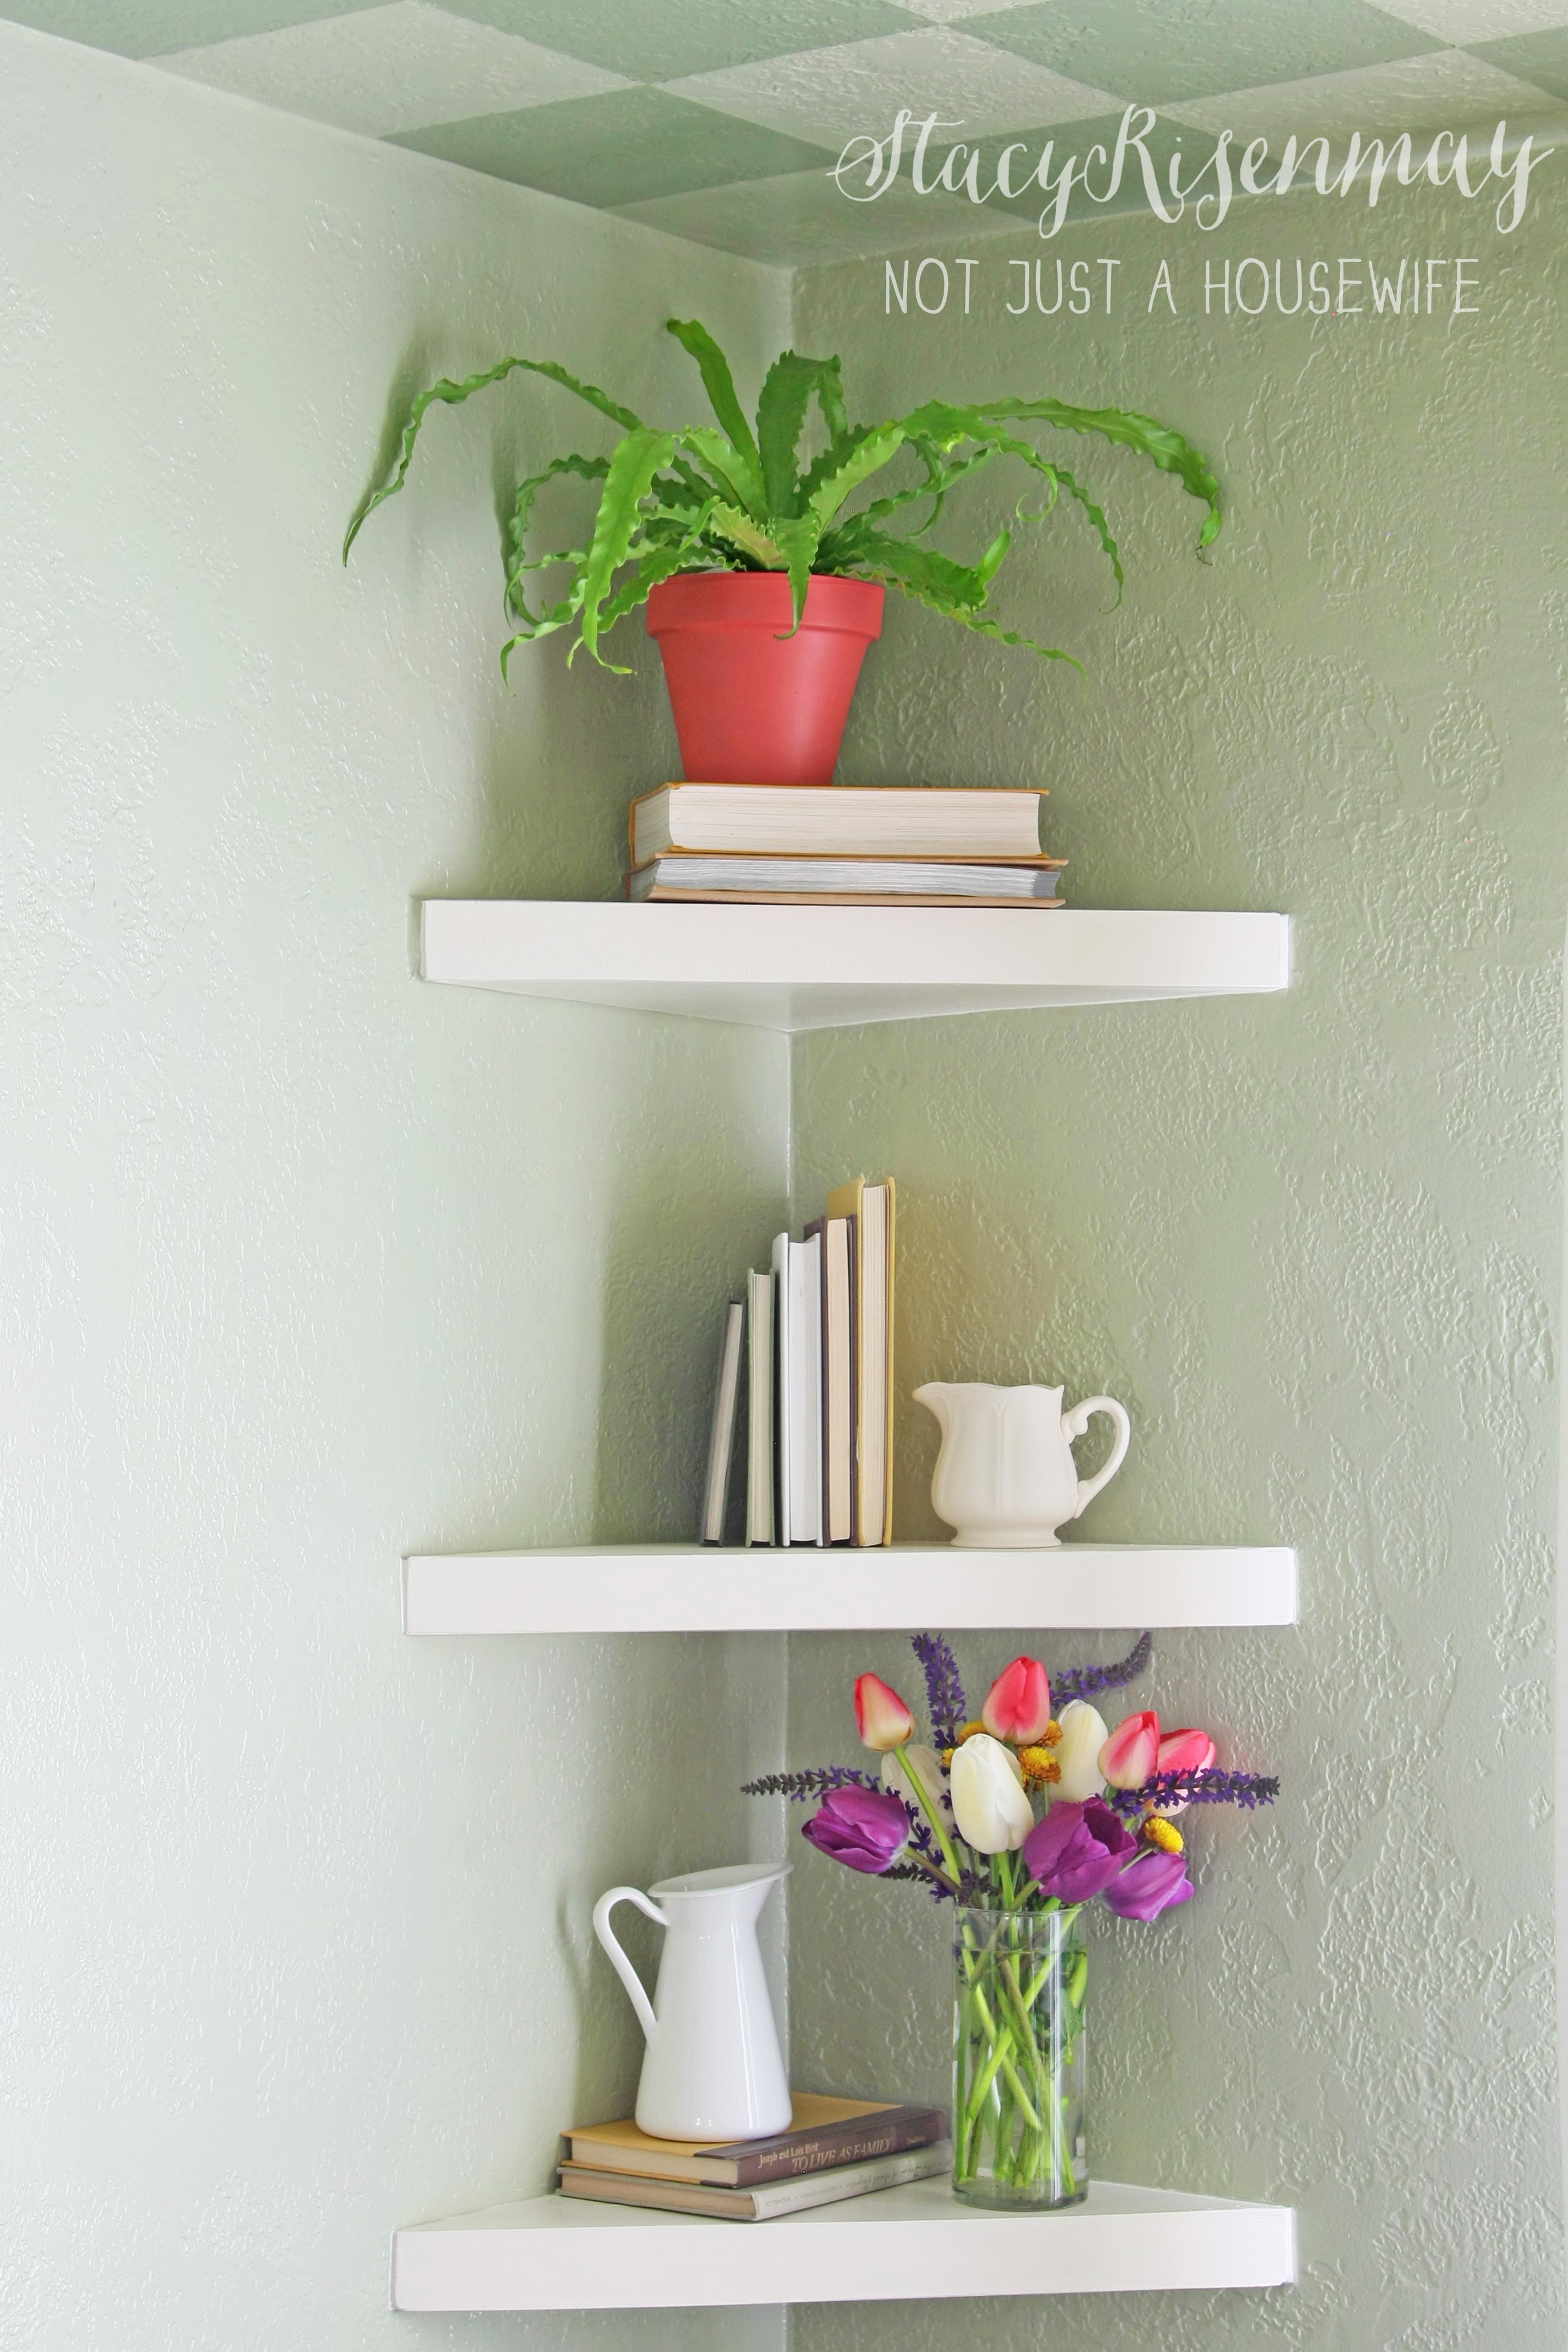 floating corner shelves  stacy risenmay - floating corner shelves